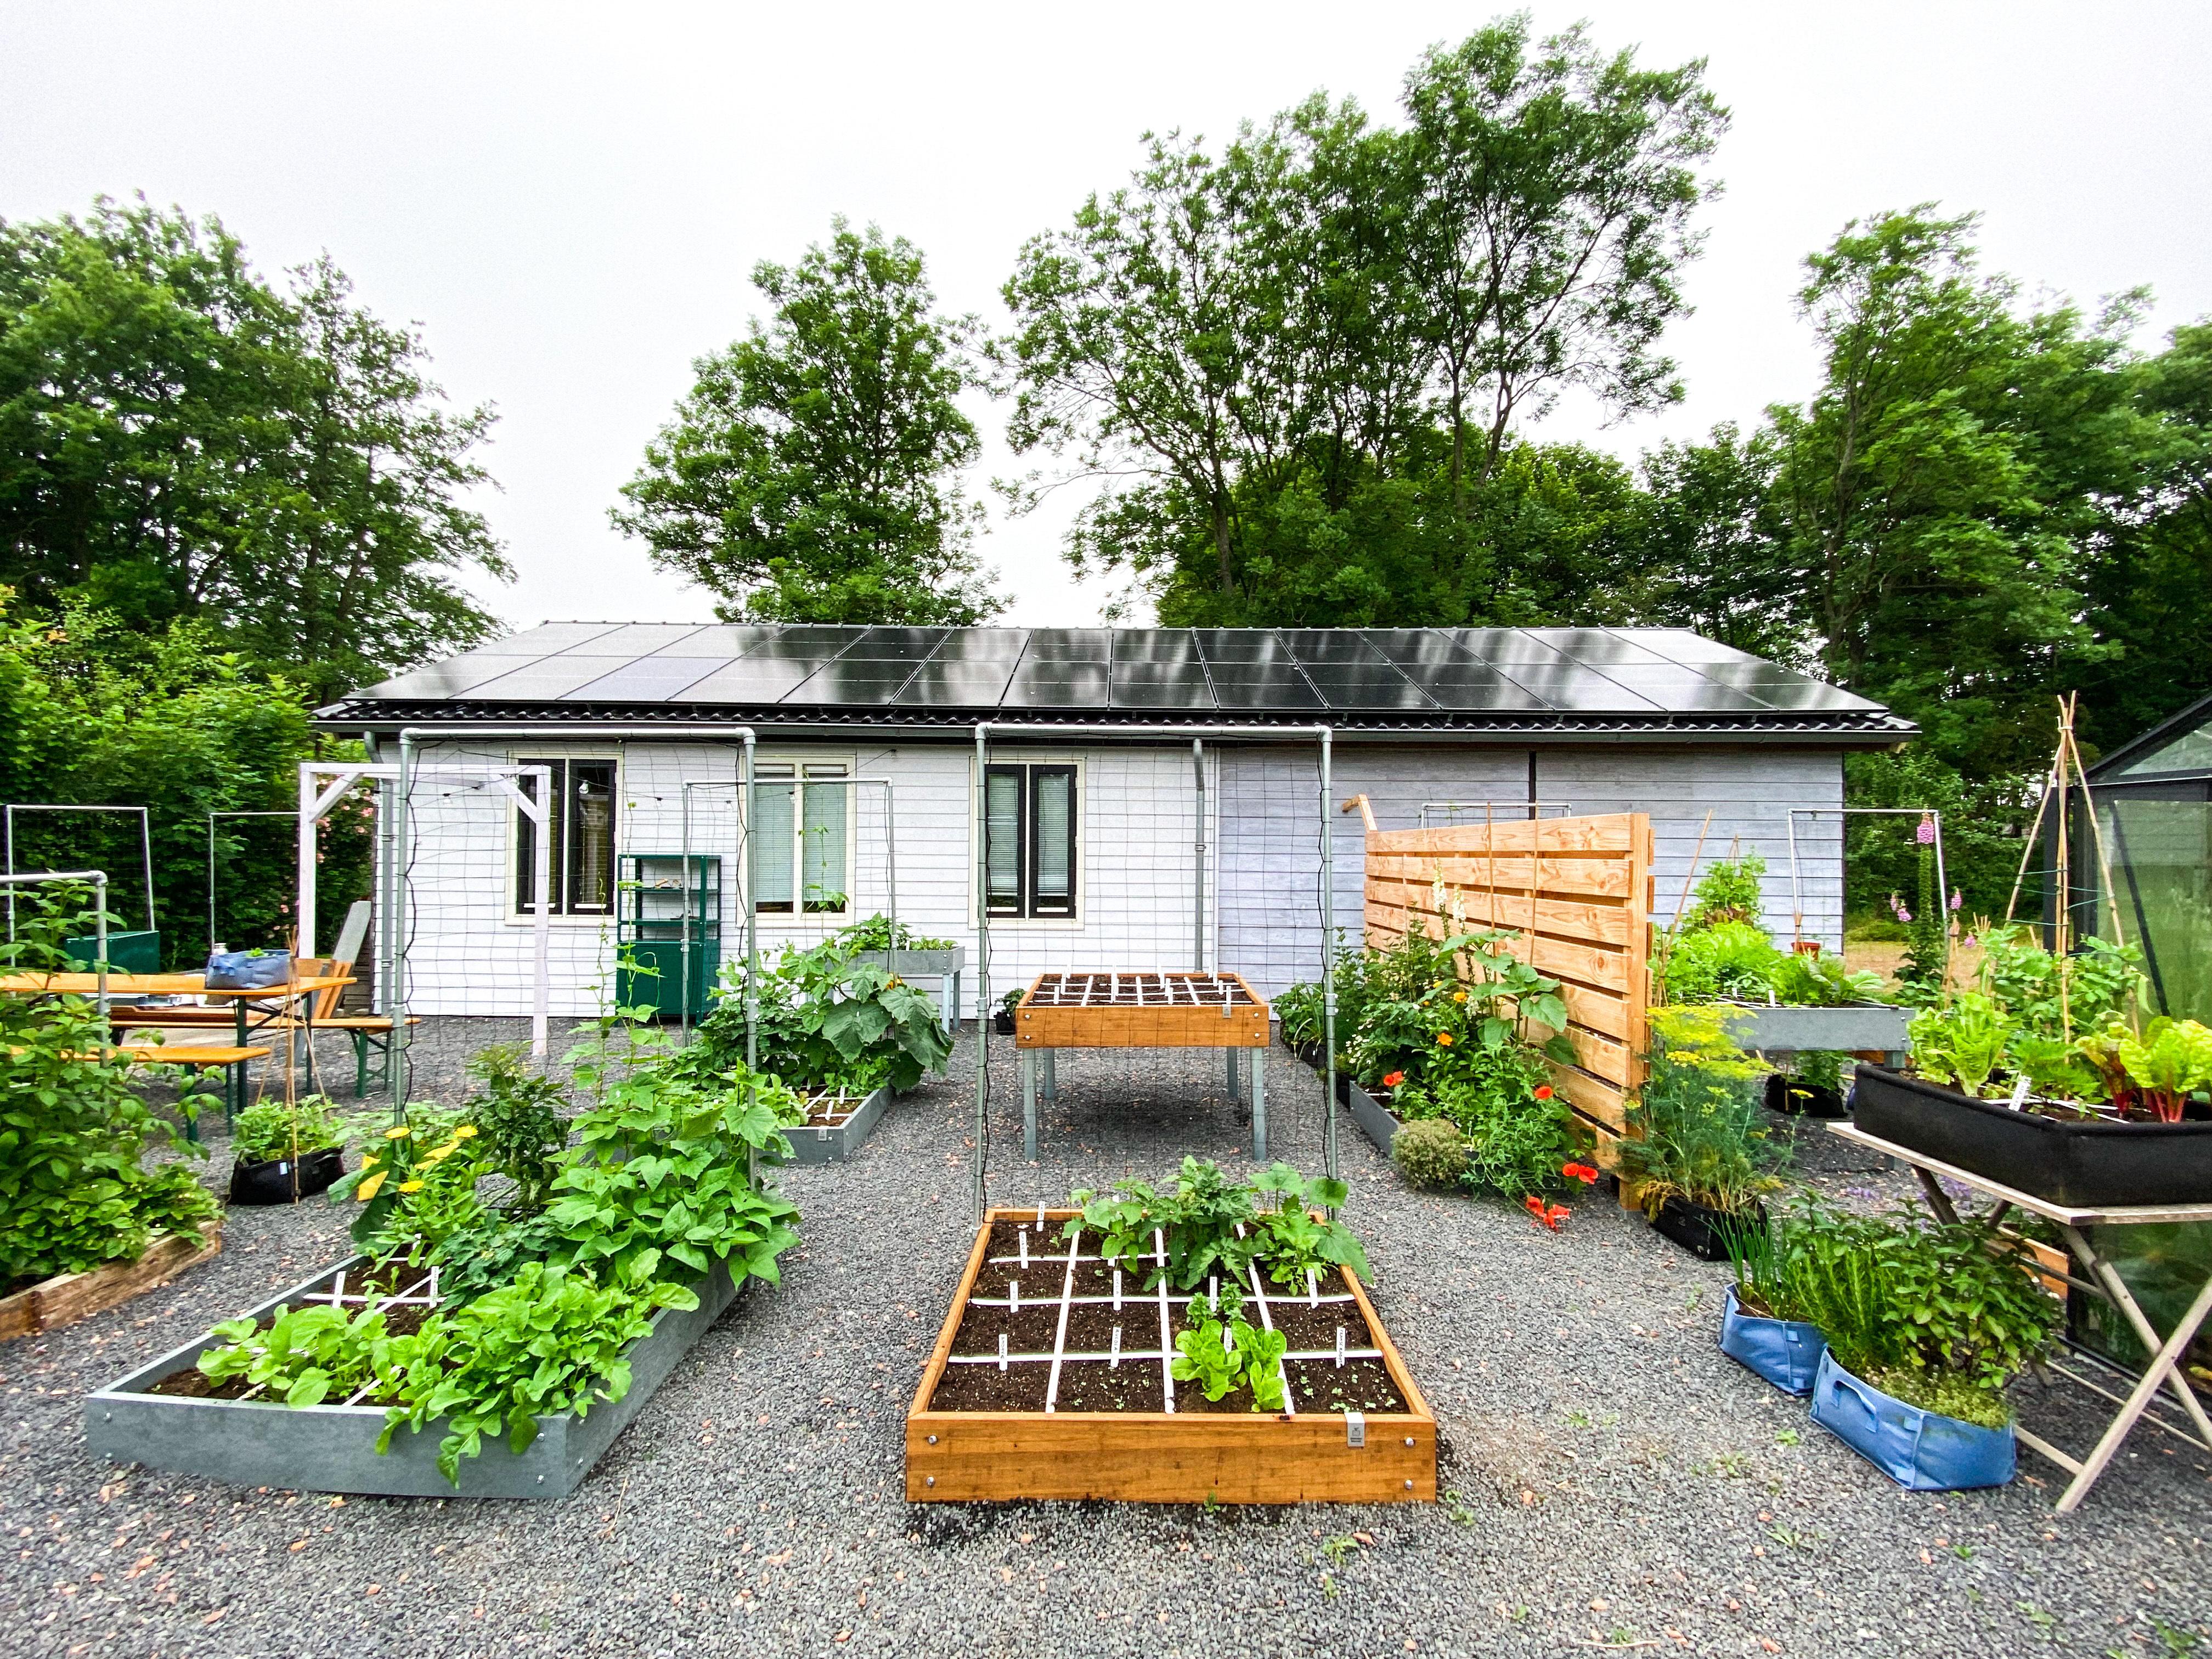 blog-july:-summer-in-the-veg-garden5.jpg